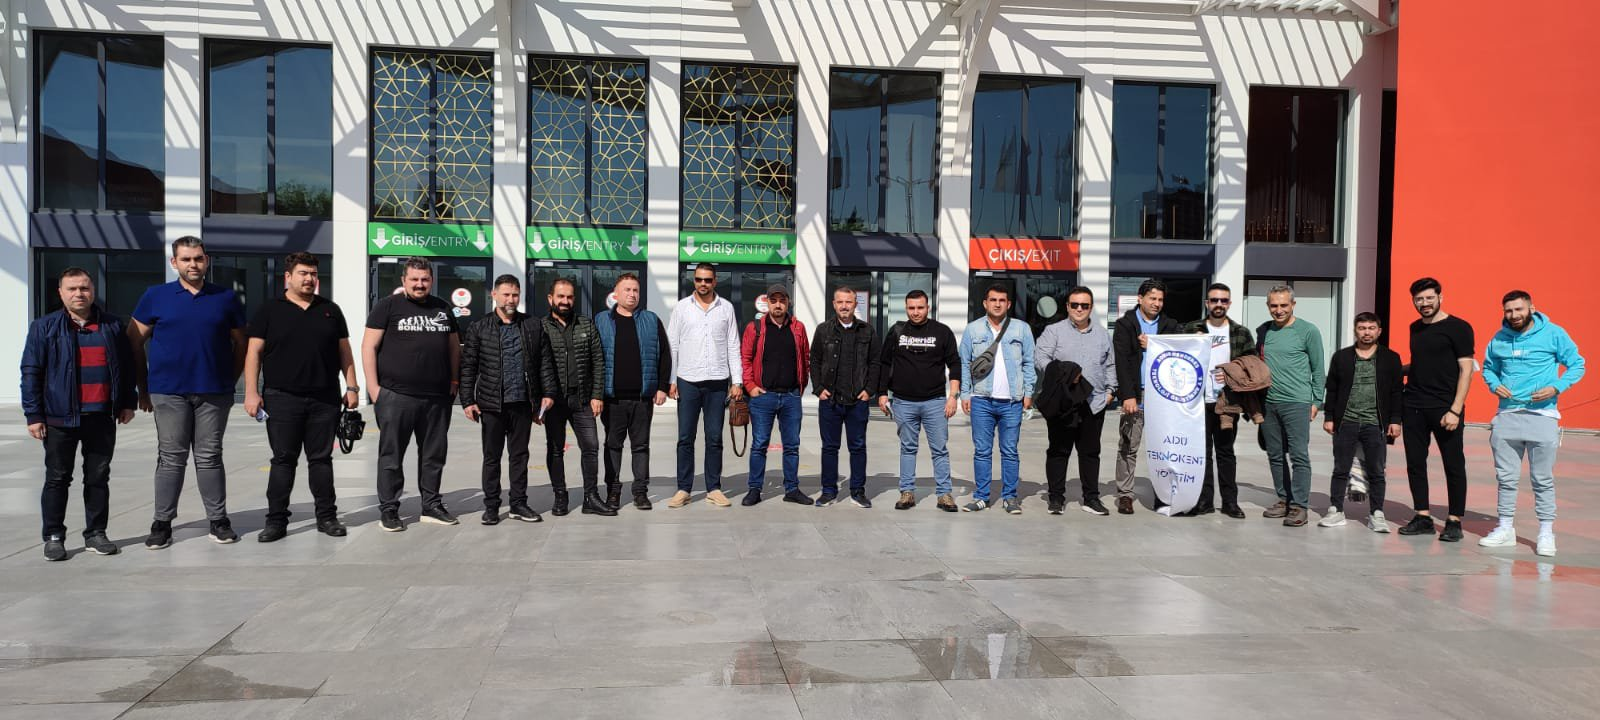 AYTO ÜYELERİ, İSTANBUL'DA SEKTÖRLERİNE YÖNELİK 2 FUARA KATILDI